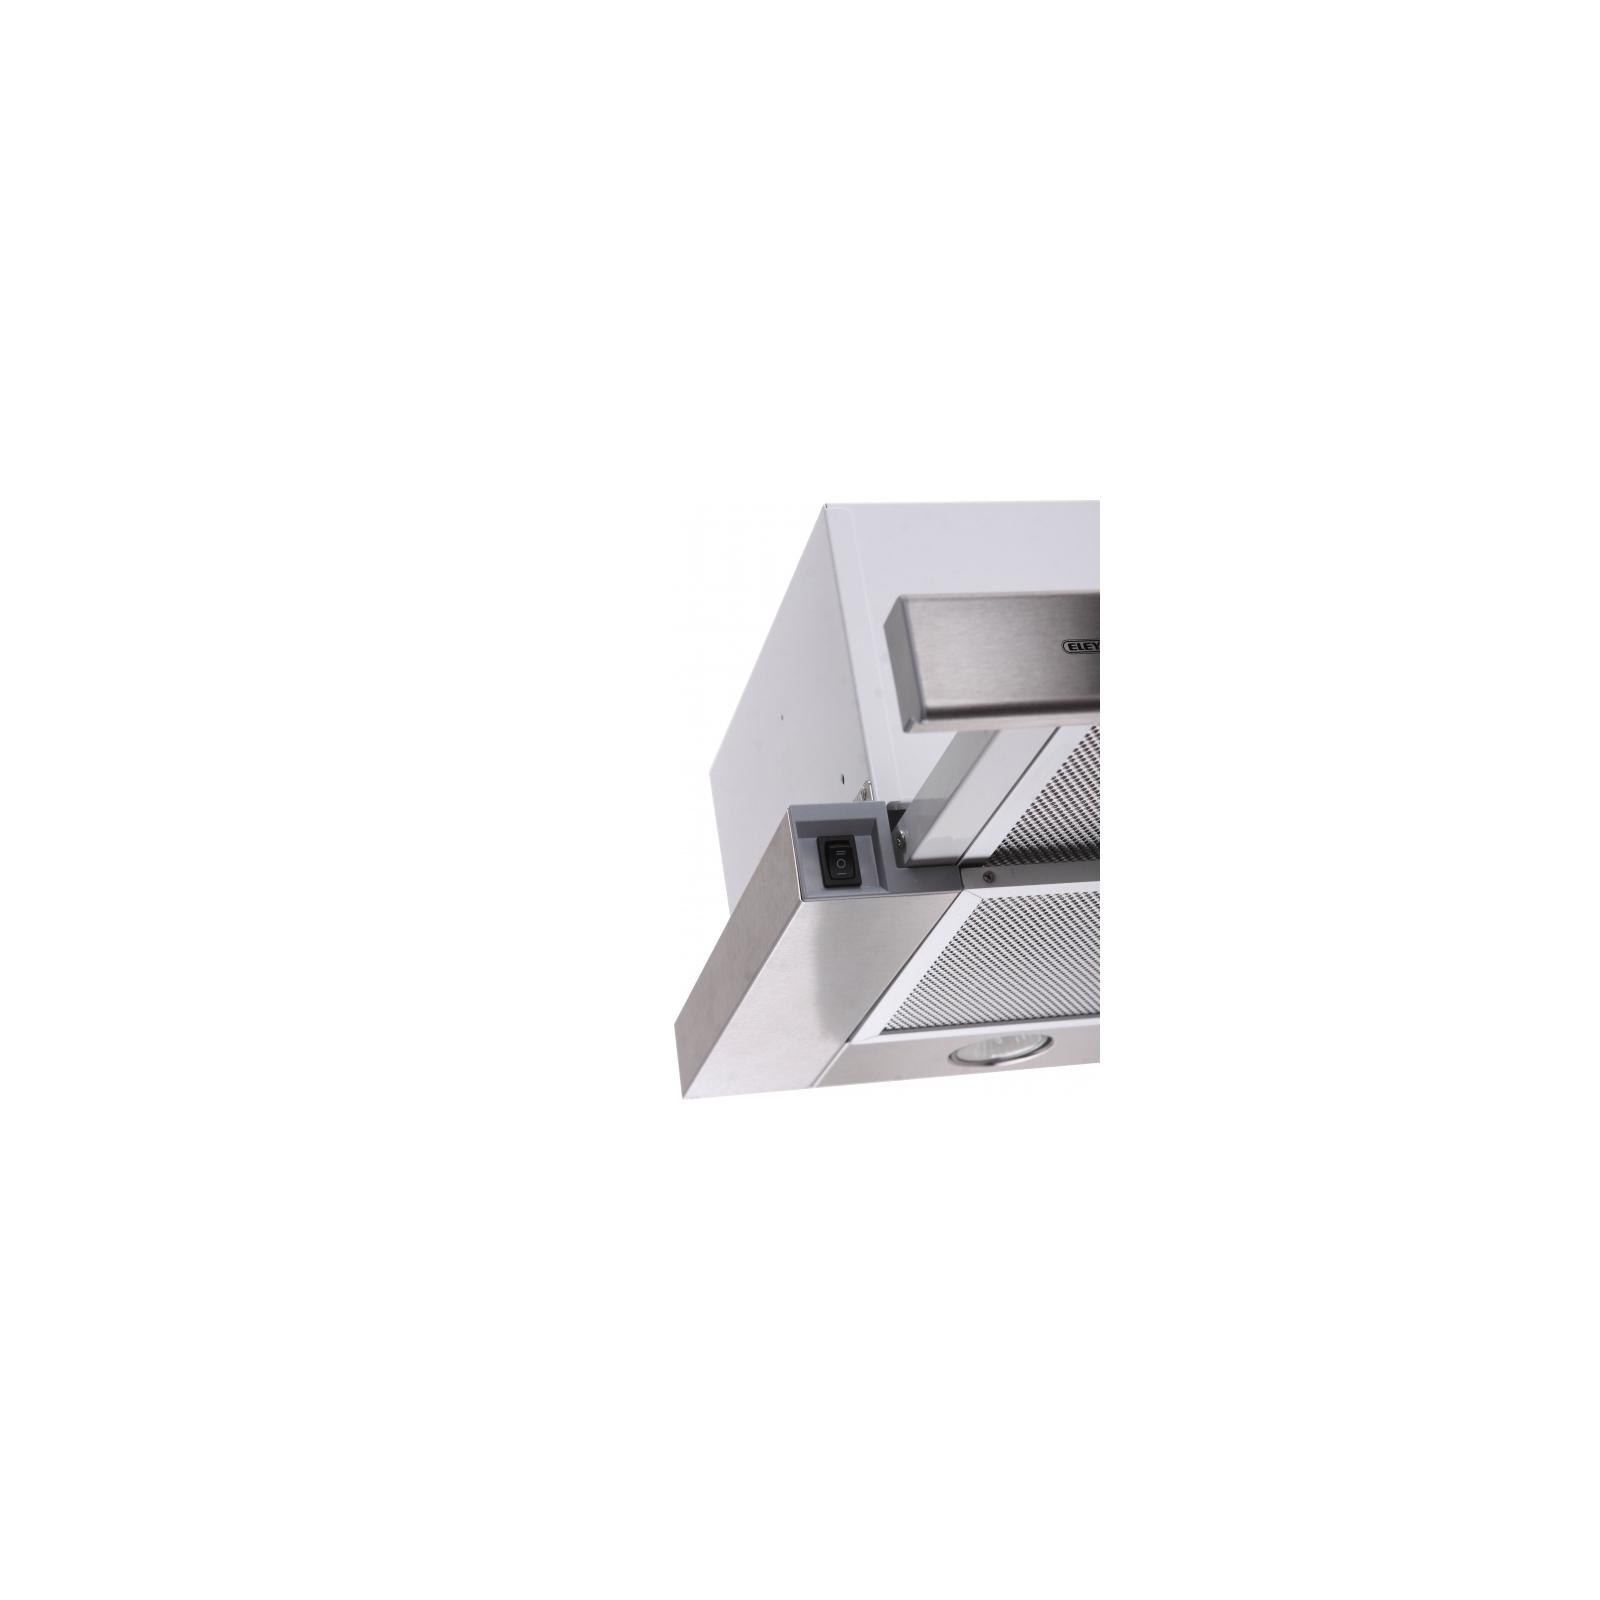 Вытяжка кухонная ELEYUS Storm 960 50 IS изображение 9